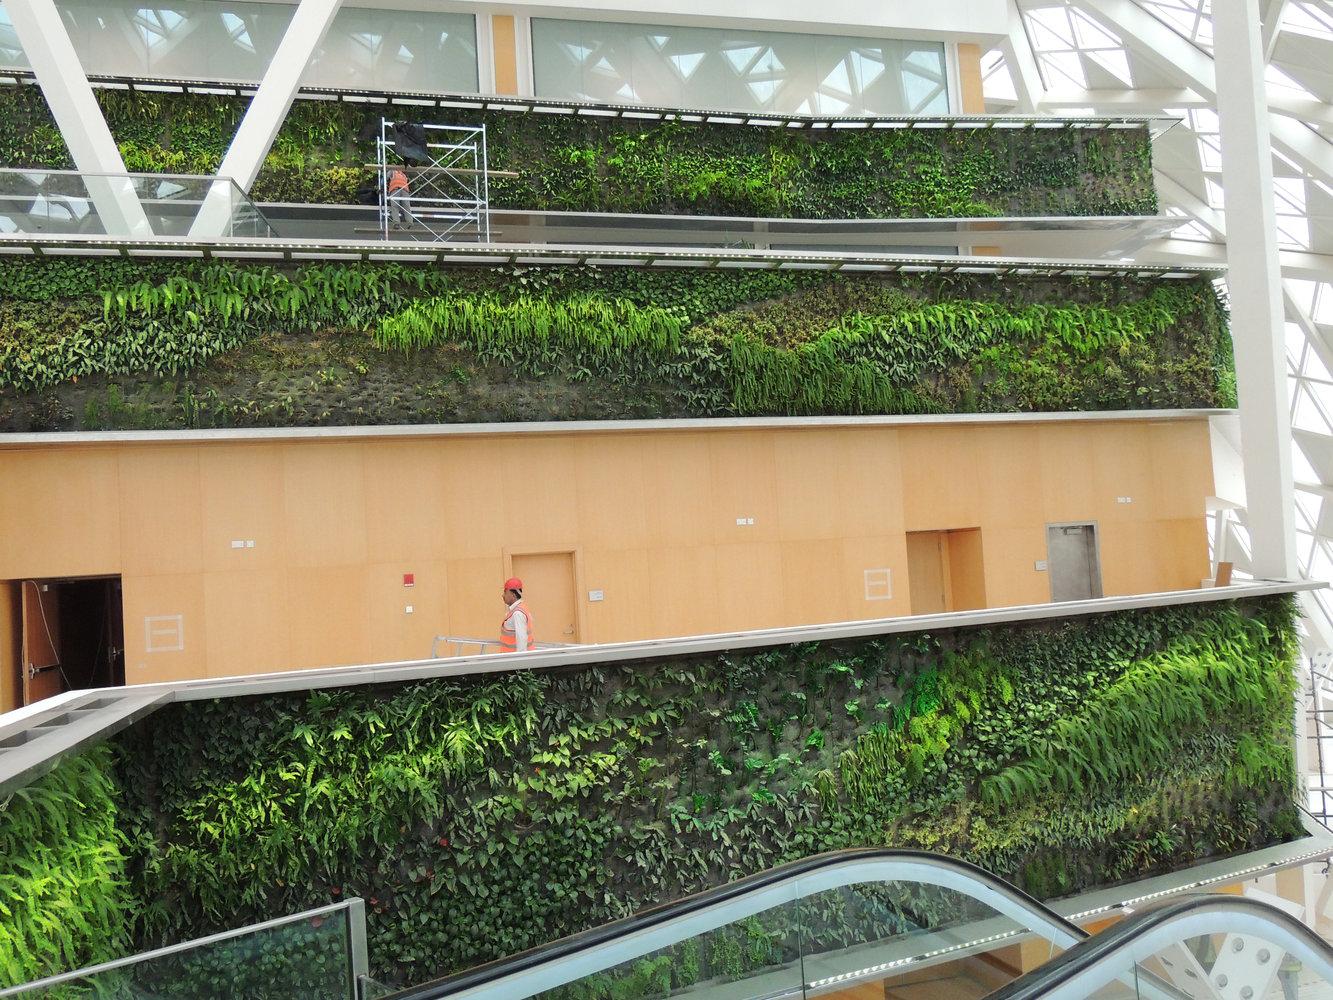 kafd conference center indoor riyadh mur vegetal patrick blanc. Black Bedroom Furniture Sets. Home Design Ideas